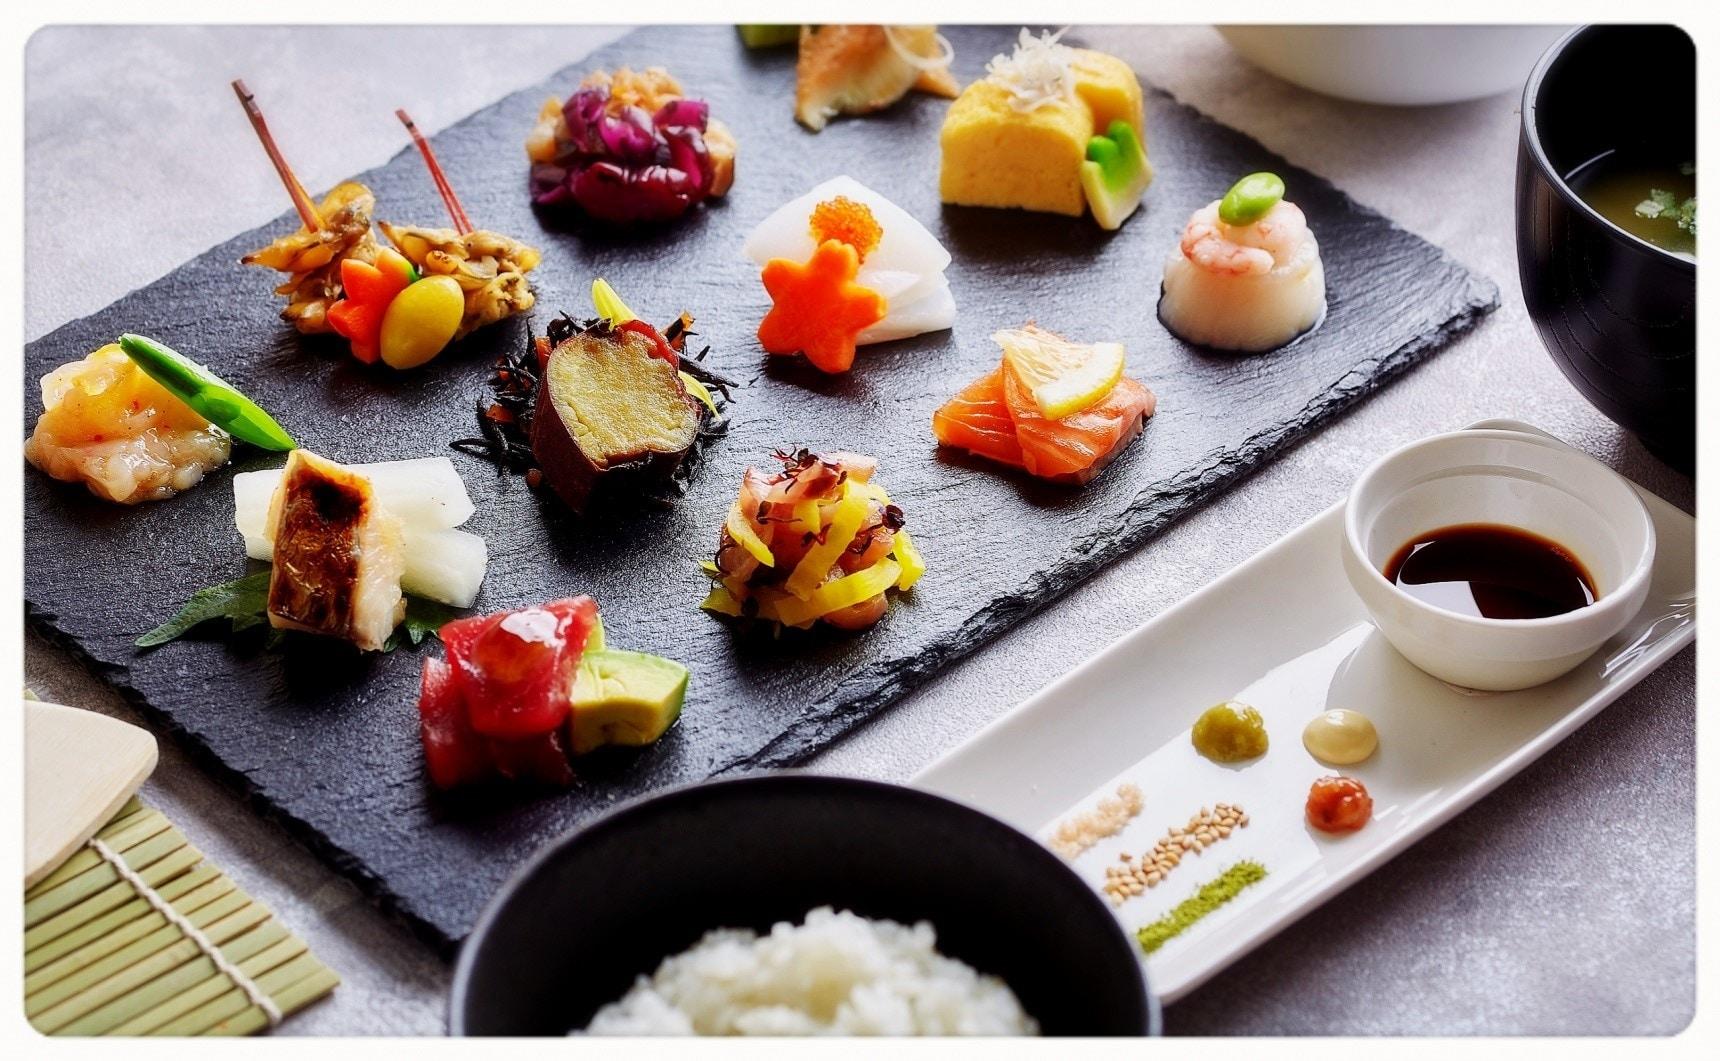 顛覆想像的和食體驗!串起淺草在地傳統文化的「和色」